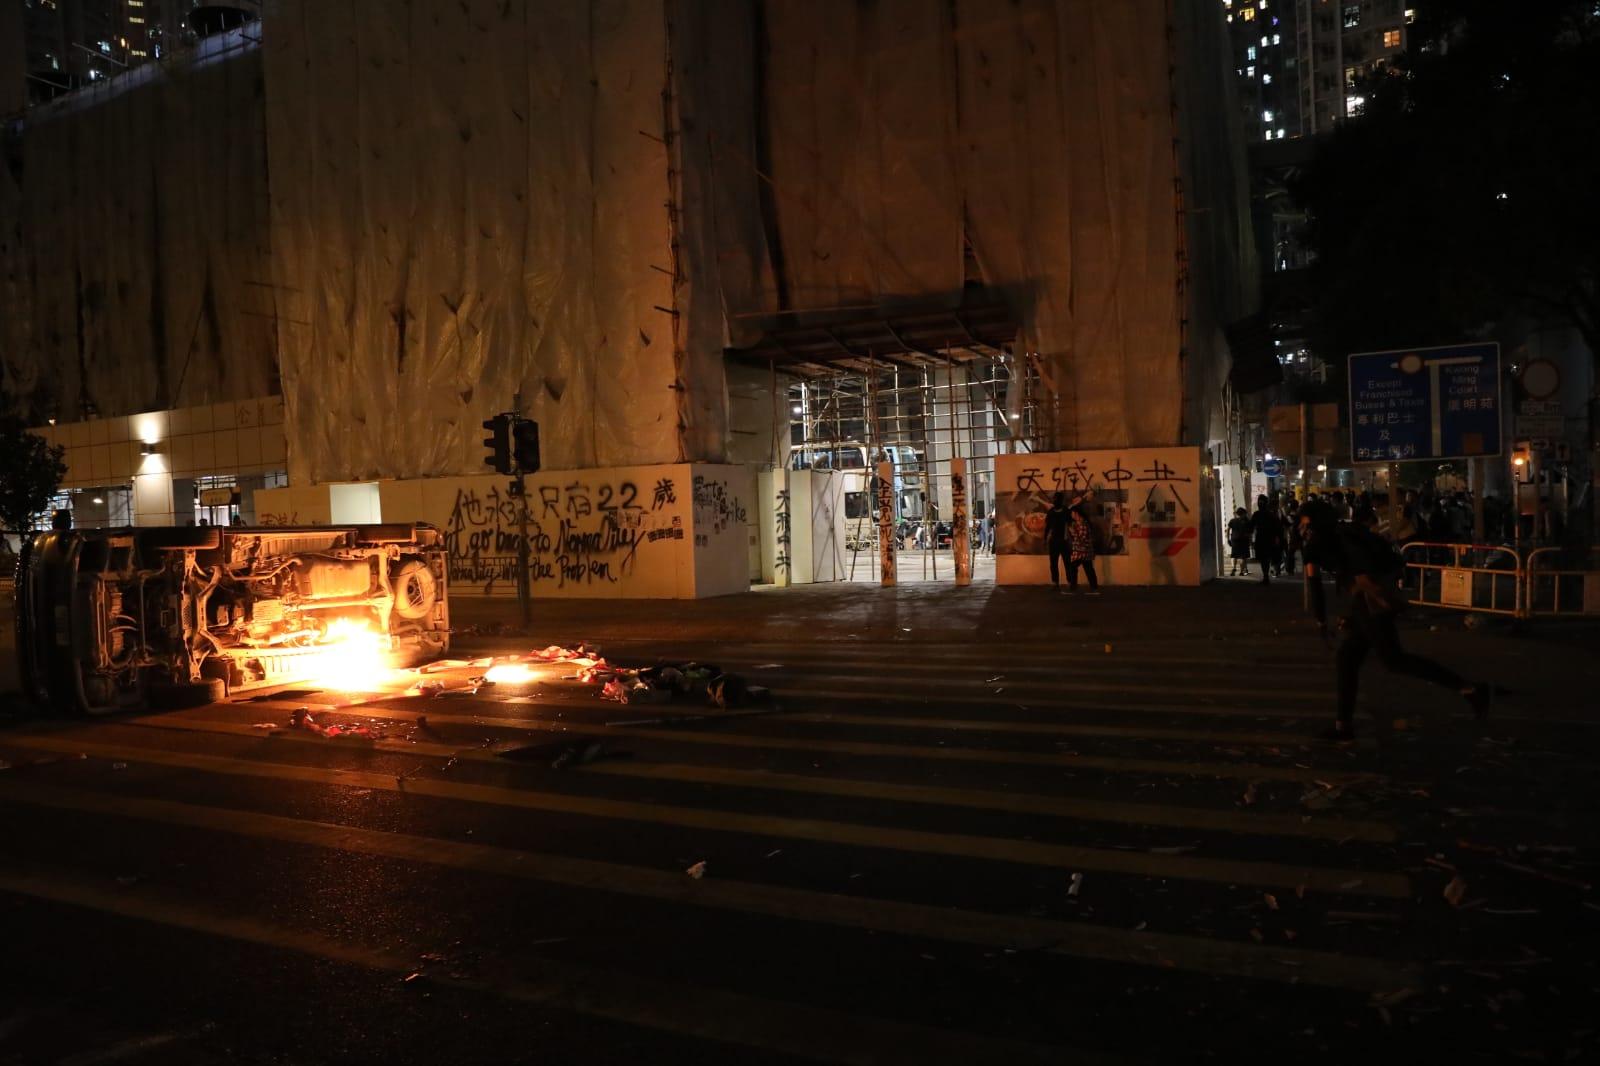 示威者放火燒車。